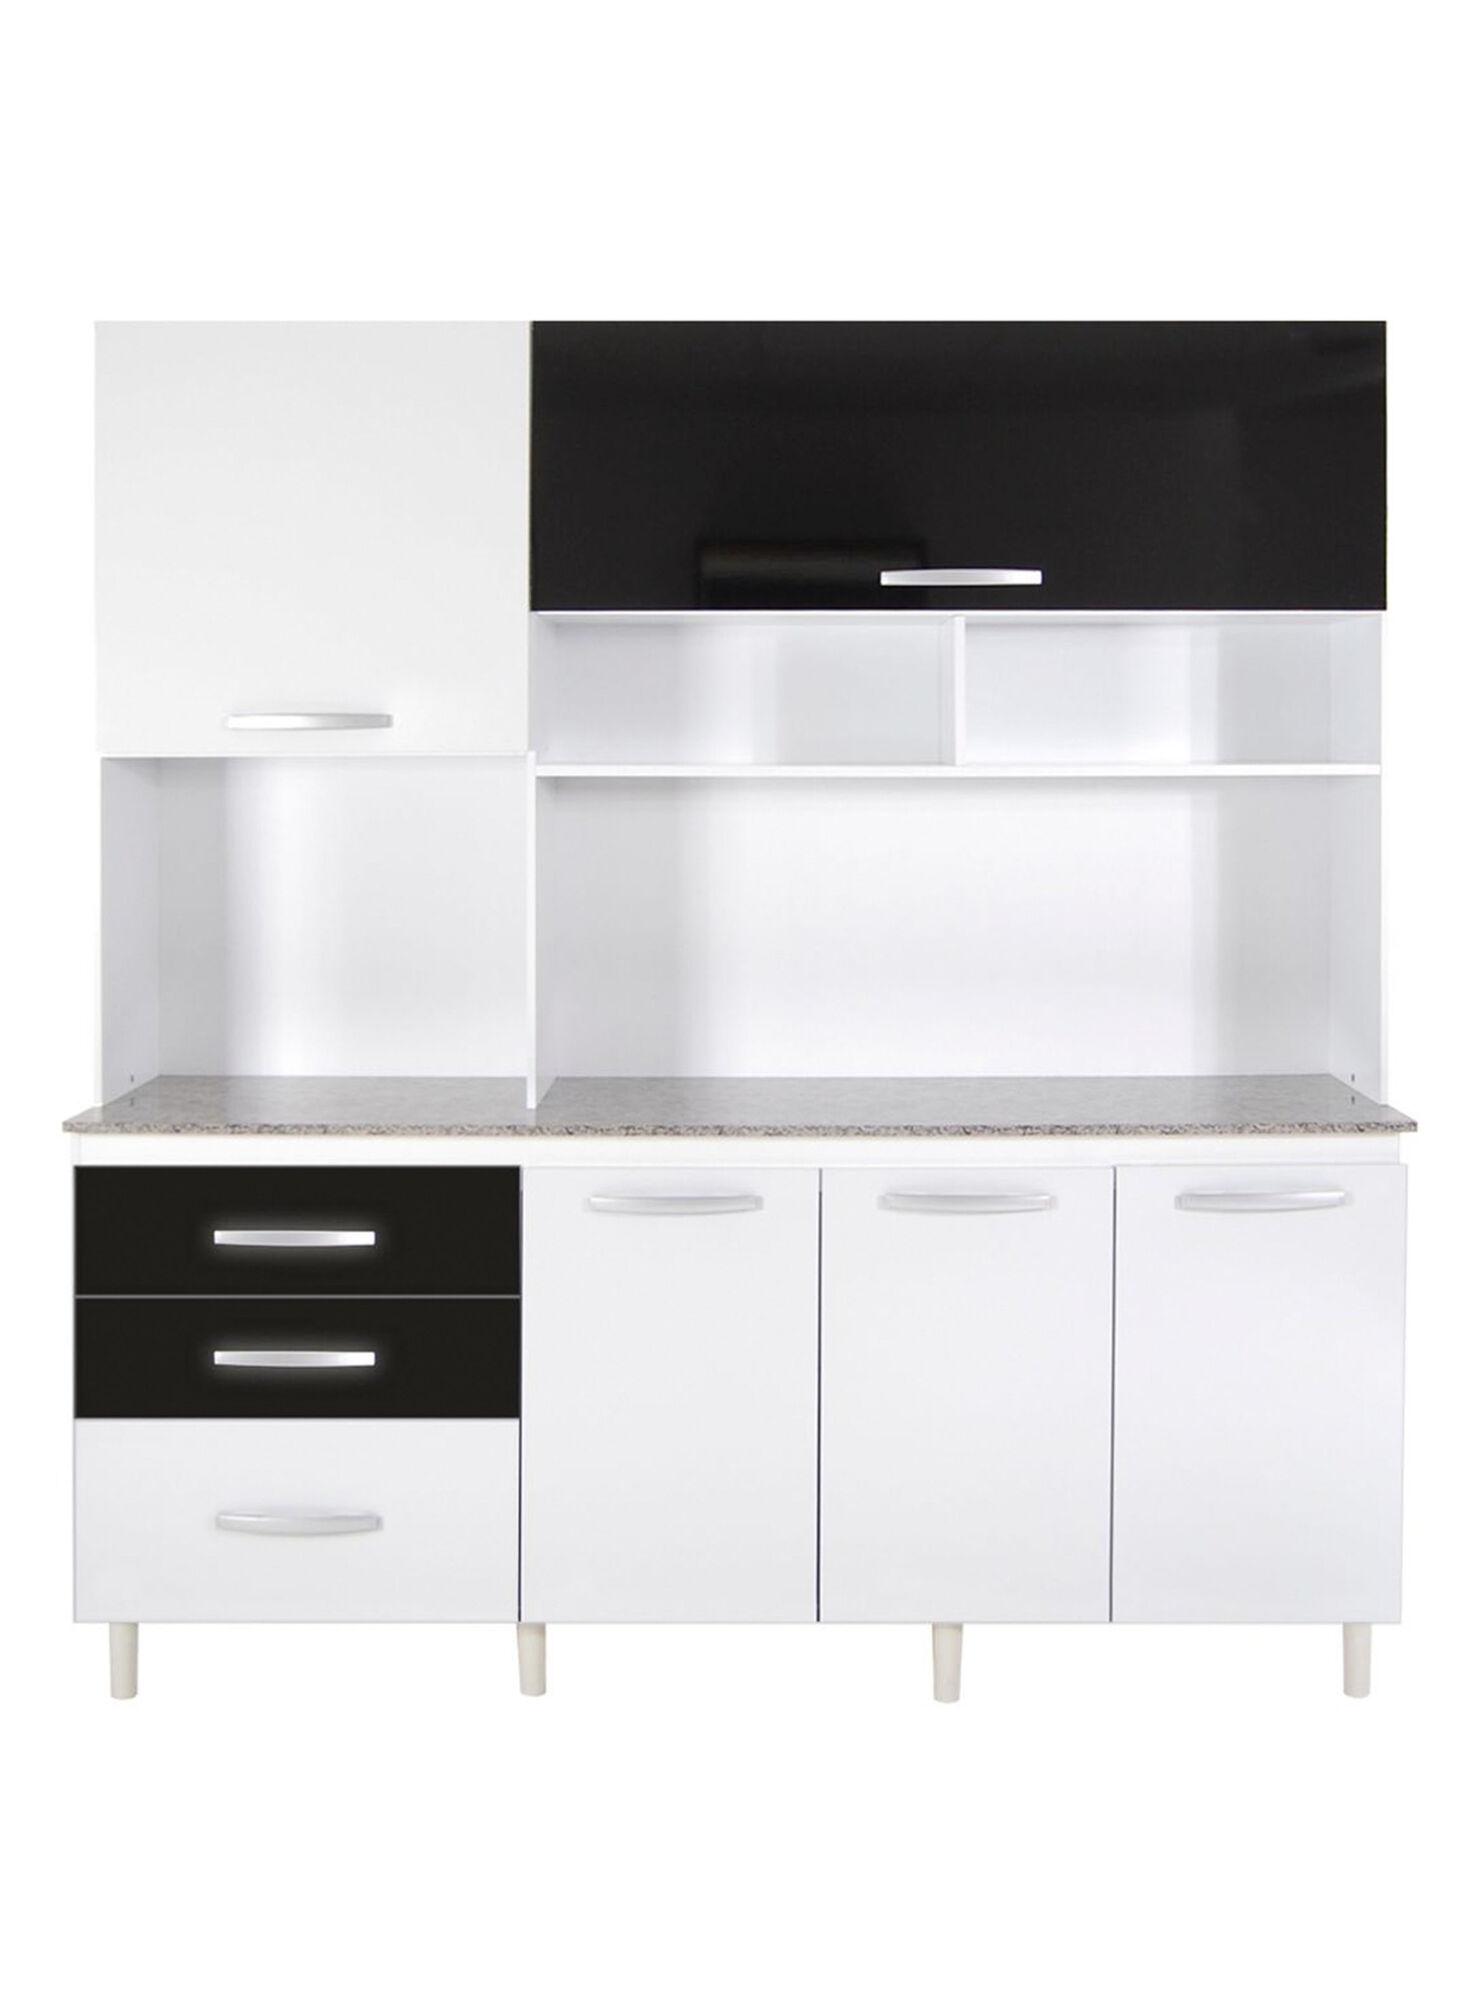 Kit Mueble de Cocina Domini Favatex - Muebles de Cocina | Paris